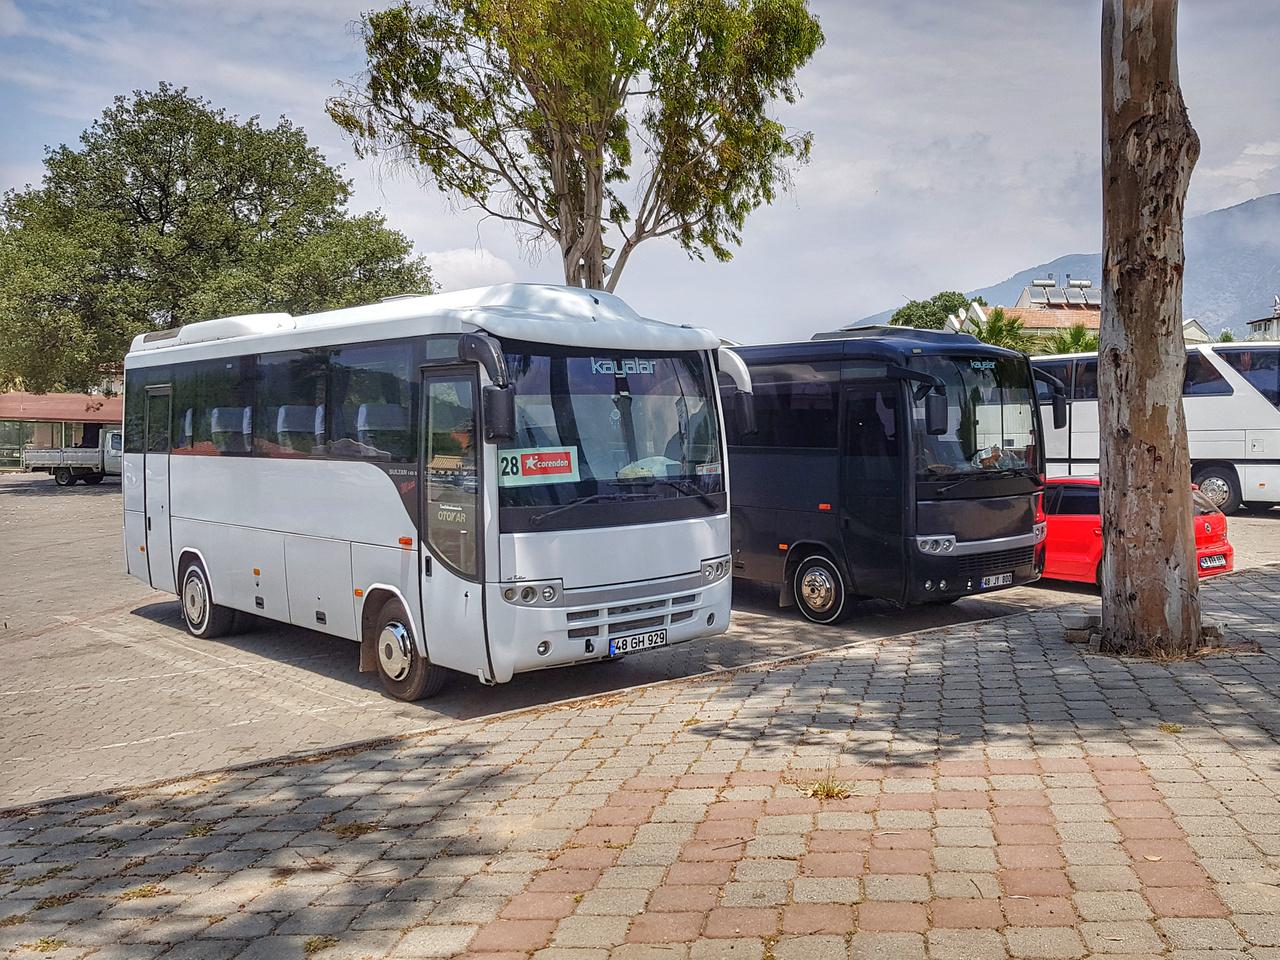 A Koç birodalom másik ékköve az Otokar, amelynek főleg mini- és midibuszaival elvétve itthon is találkozhatunk. A kisméretű Sultan széria nagyon fontos szerepet játszik a rövid- és közepes távú személyszállítás területén, de természetesen gyártanak teljes méretű, távolsági közlekedésre alkalmas buszokat is. Ez a cég is 1963 óta létezik folyamatosan és ők is gyártanak a hadiipar számára, hasonlóan a BMC-hez